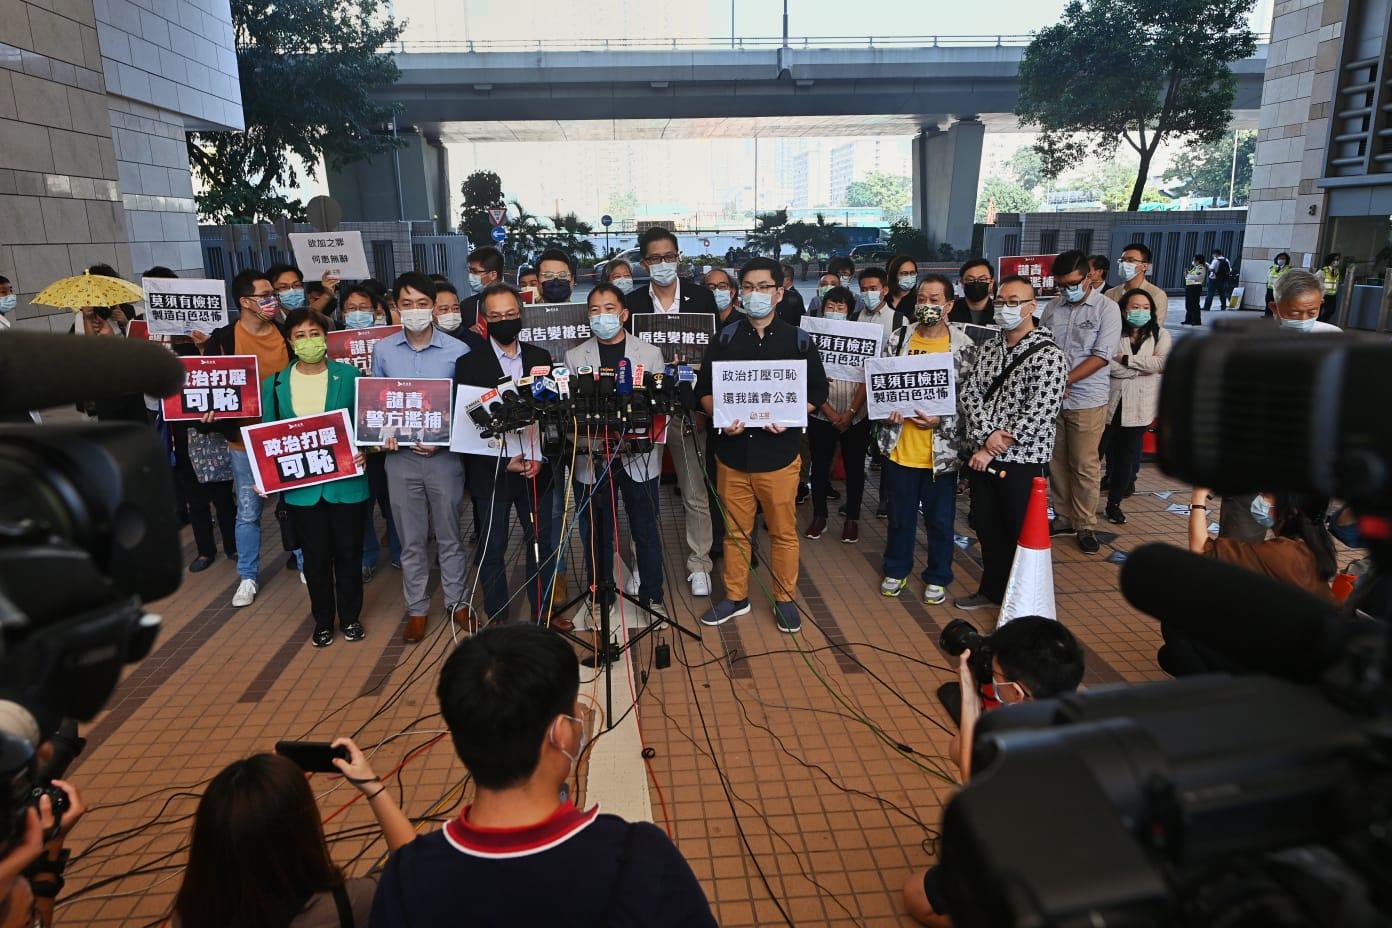 11月6日下午,8名人士與聲援民眾抗議當局用法律打壓反對的聲音。(宋碧龍/大紀元)